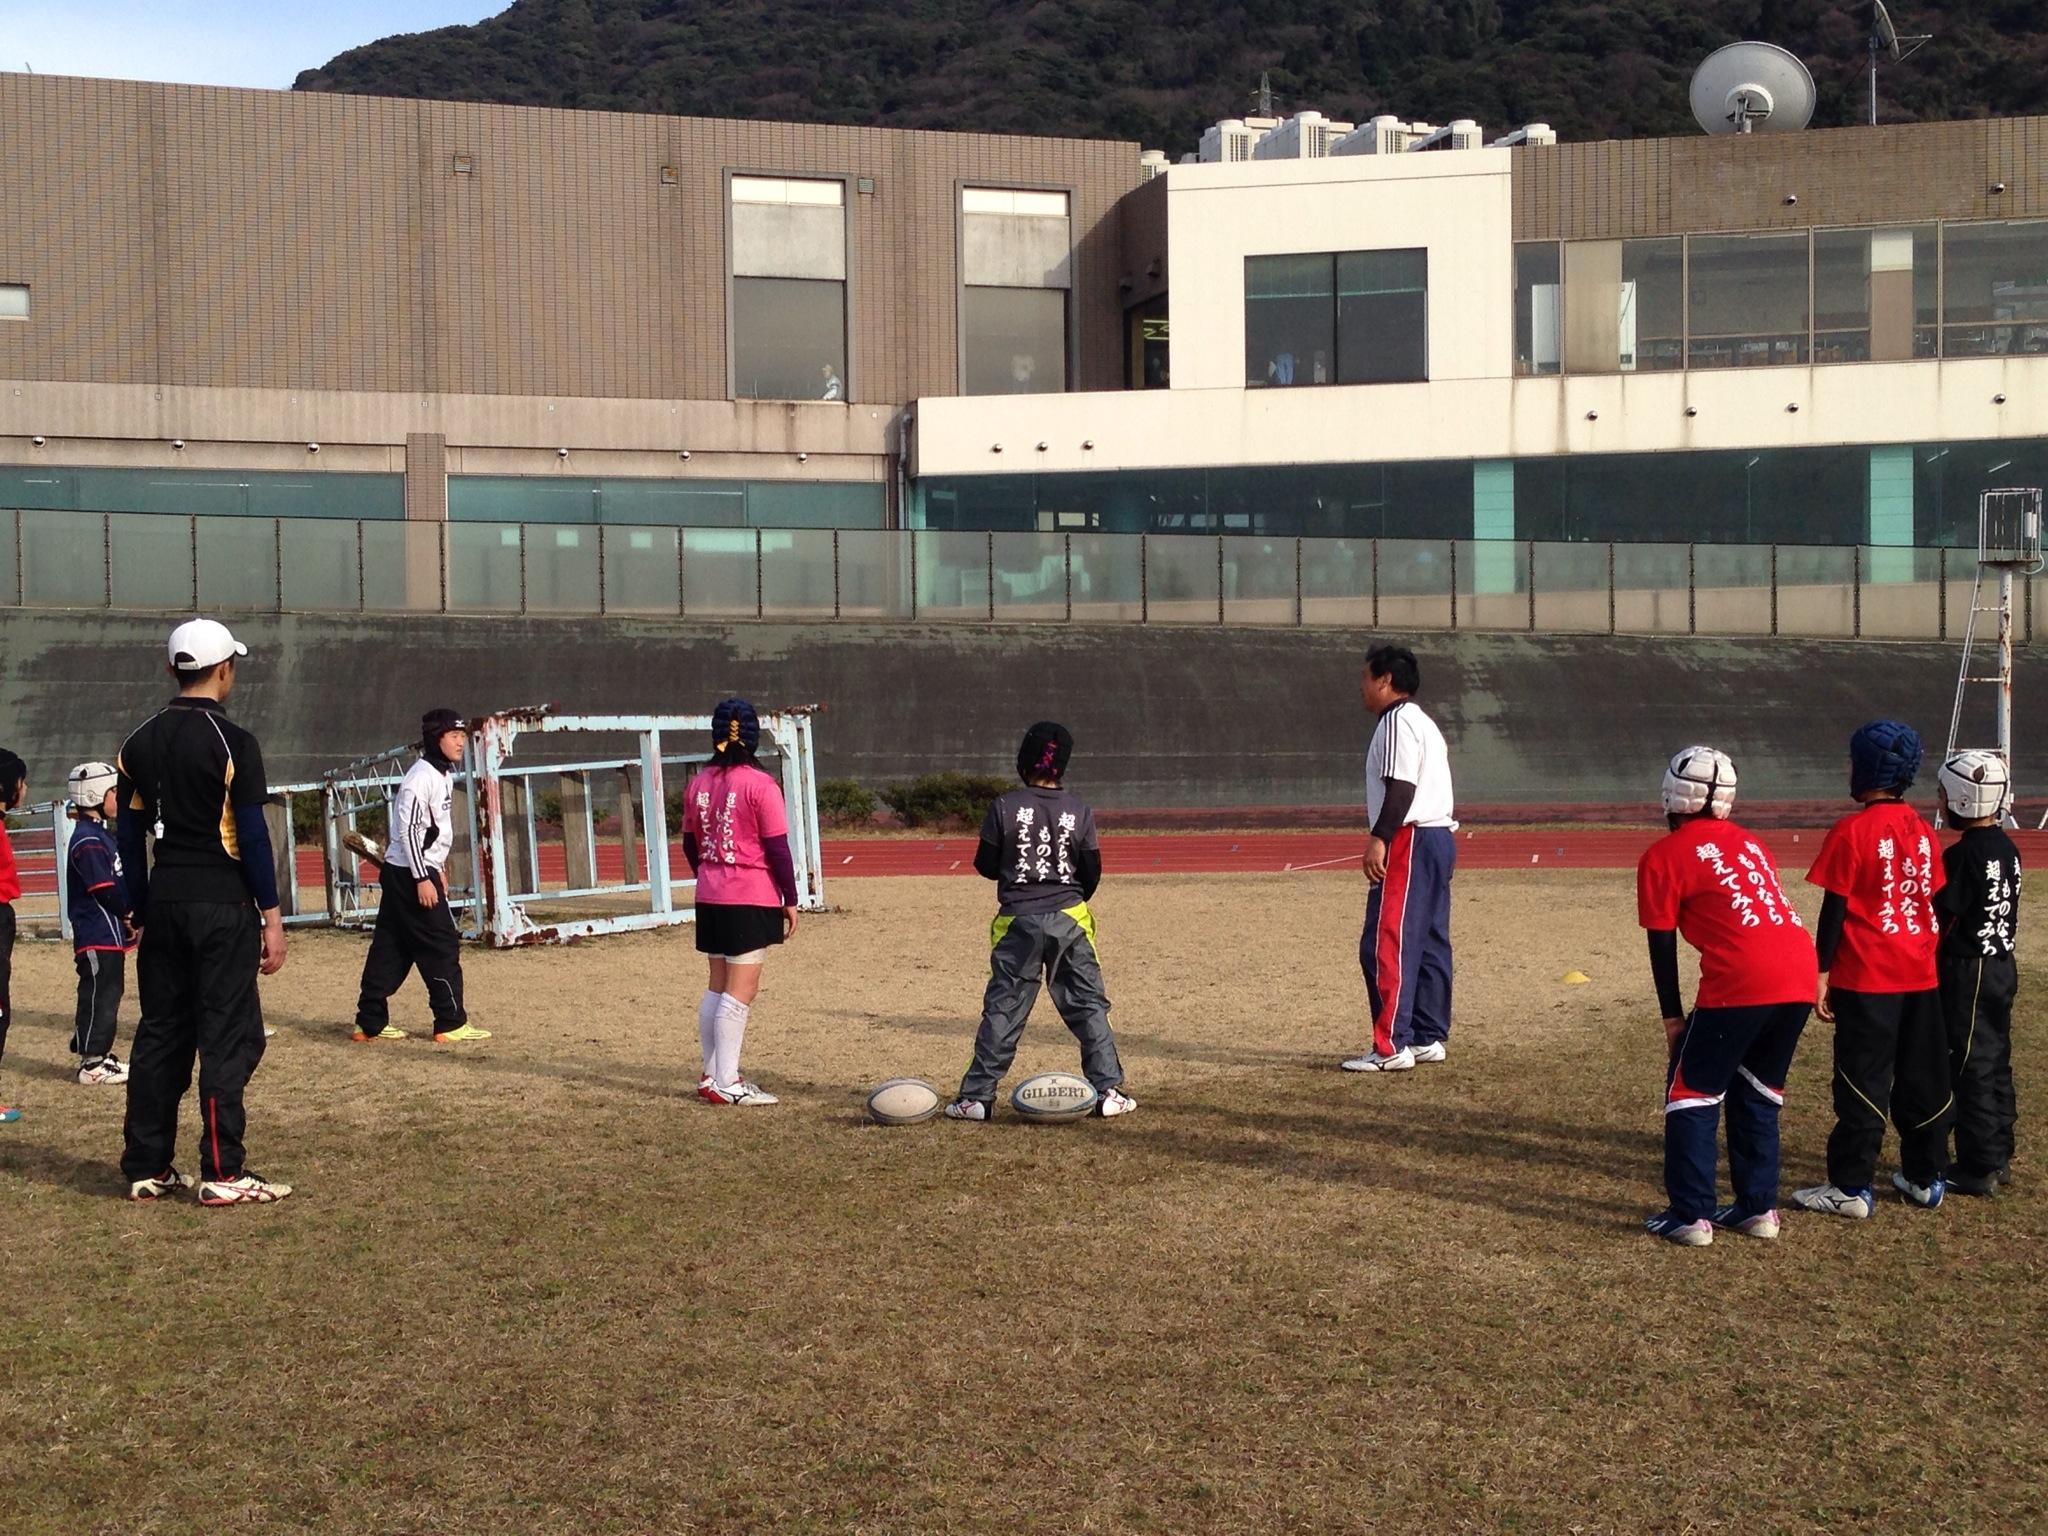 ヤングウェーブ北九州_福岡県北九州市ラグビースクール_ラグビーチーム